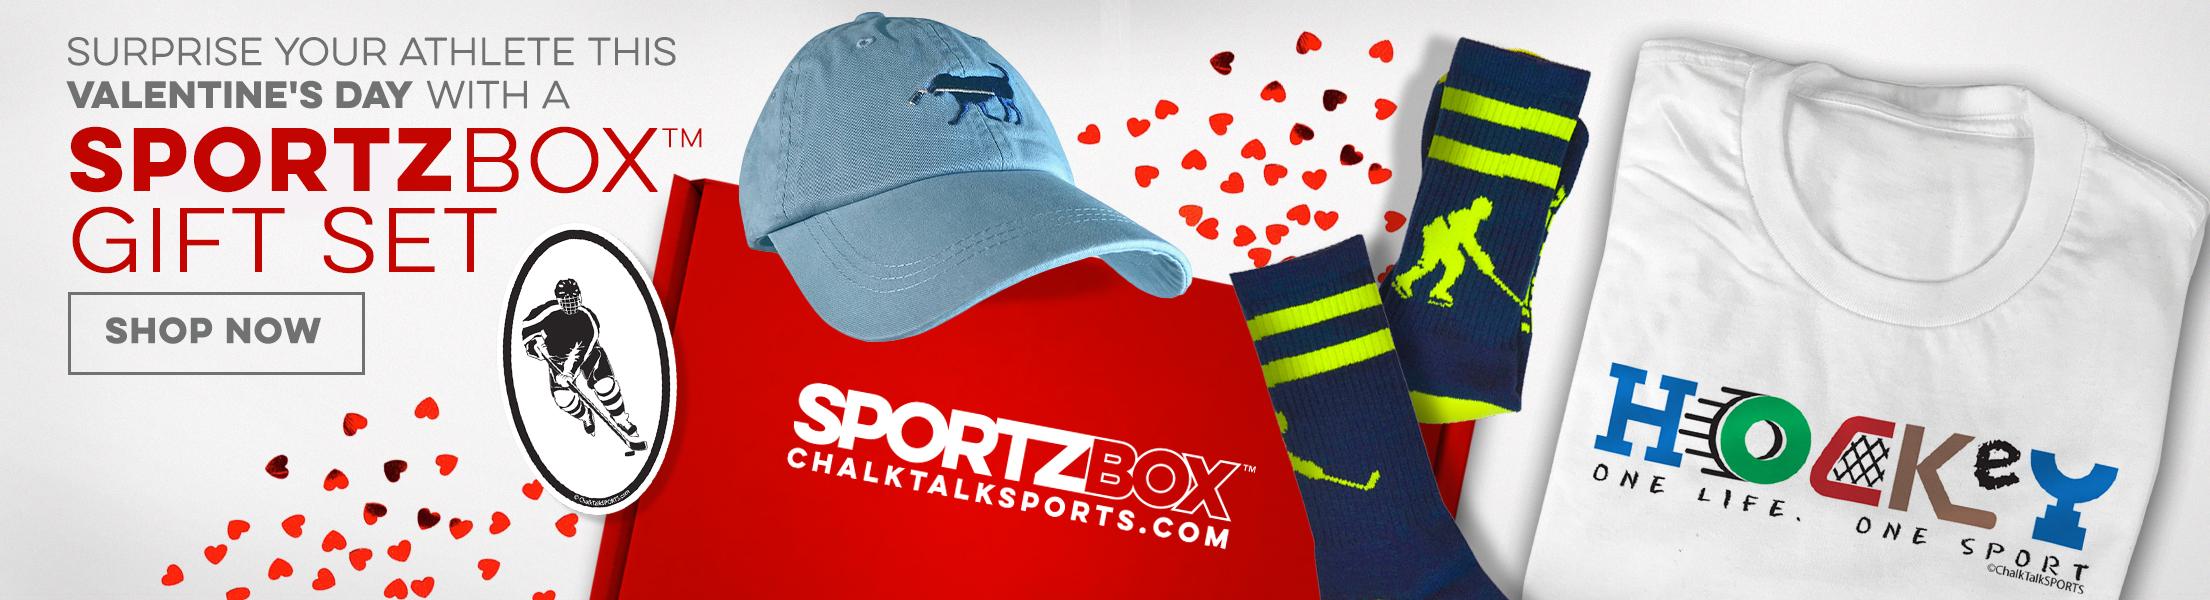 Valentines SportzBoxes